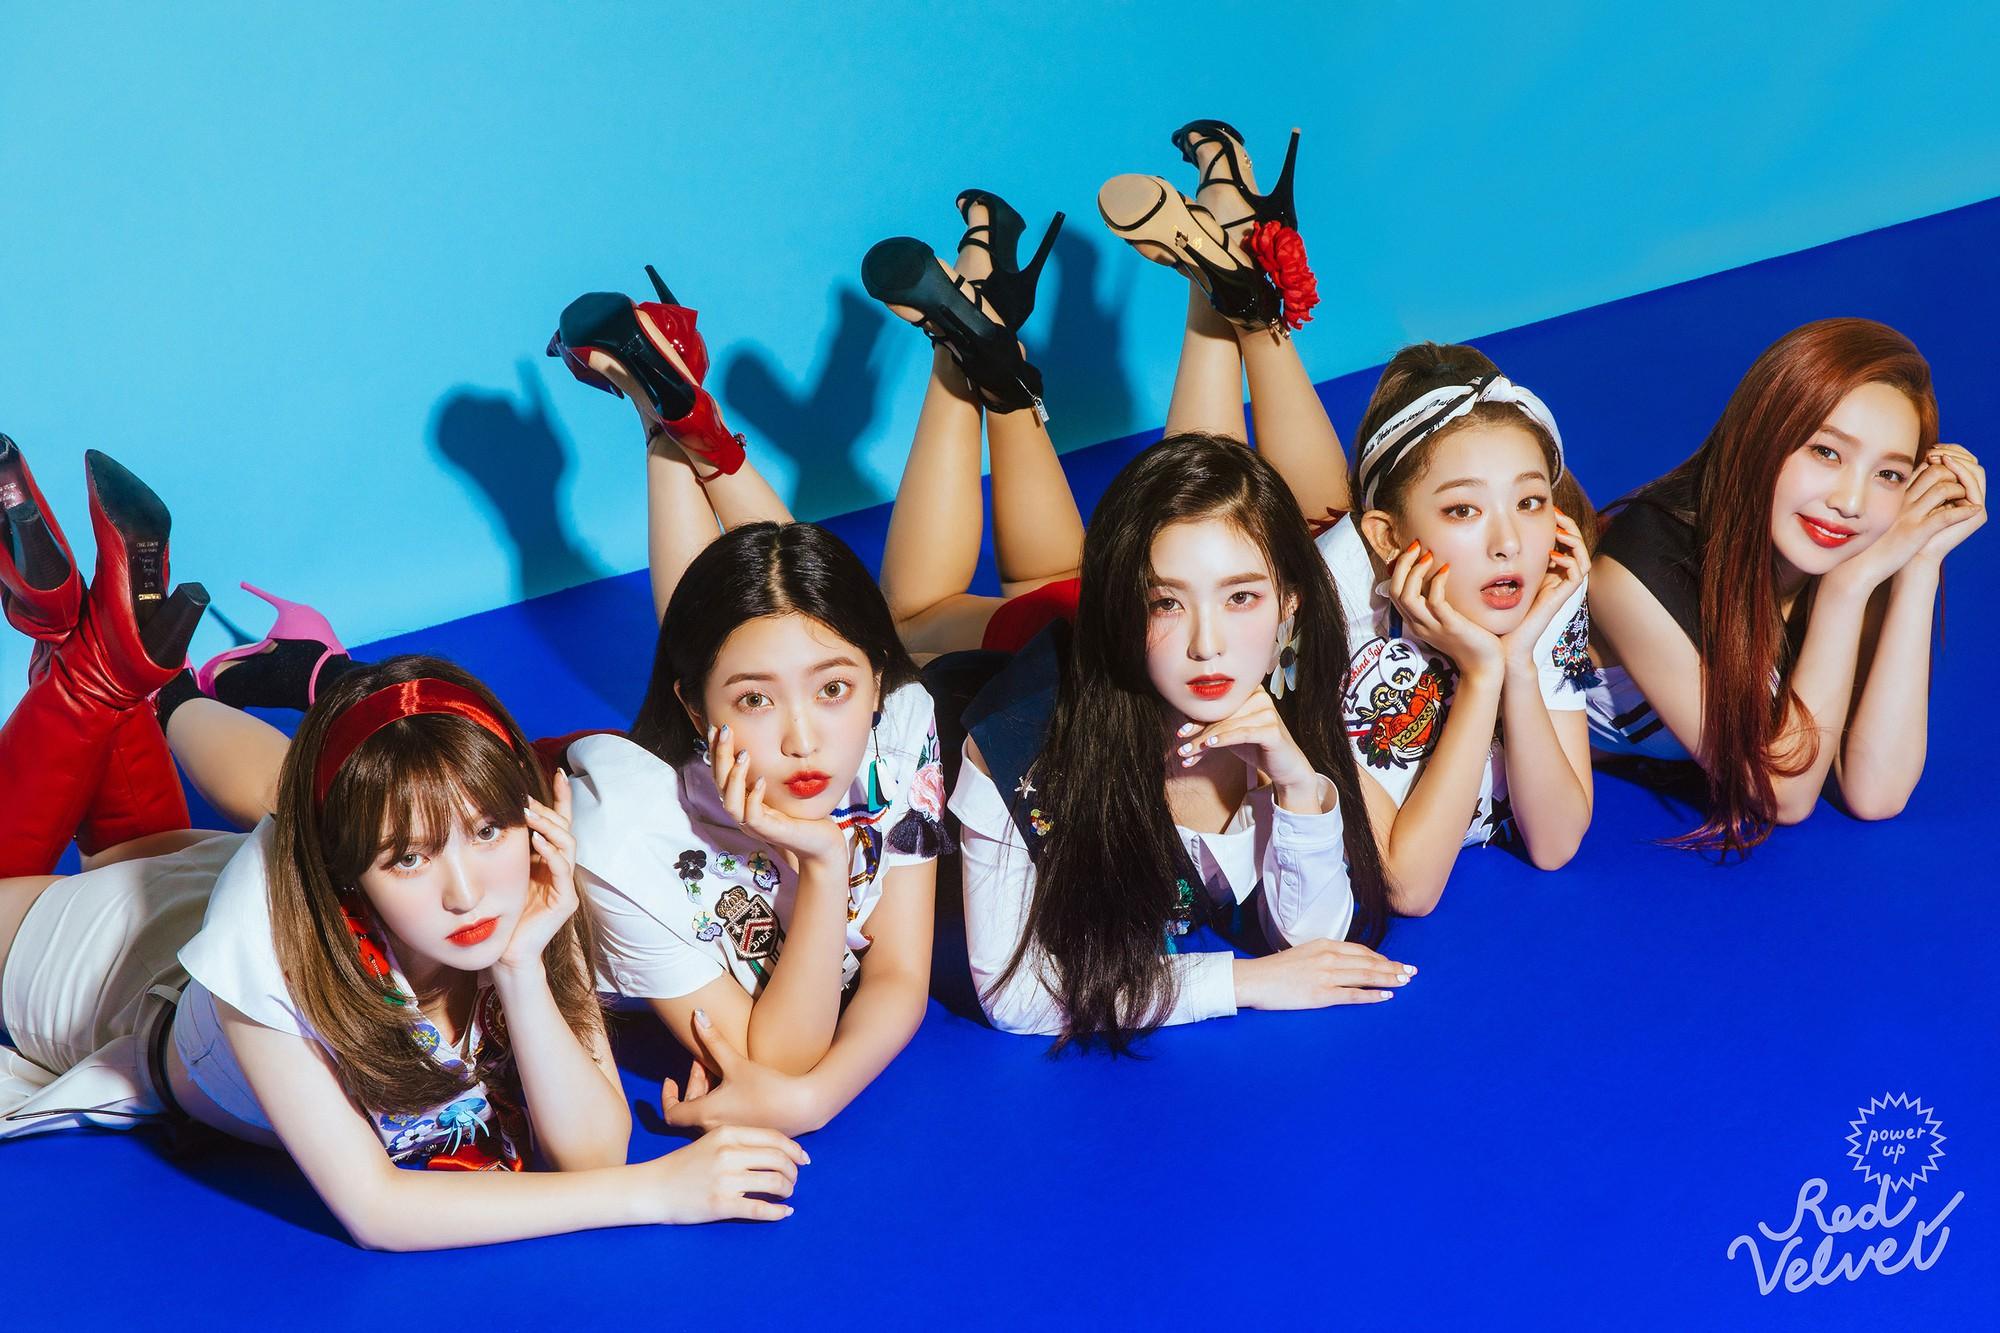 Top 10 nghệ sĩ Kpop xuất sắc nhất 2018 do MMA bình chọn: Fan phẫn nộ vì không có tên Red Velvet